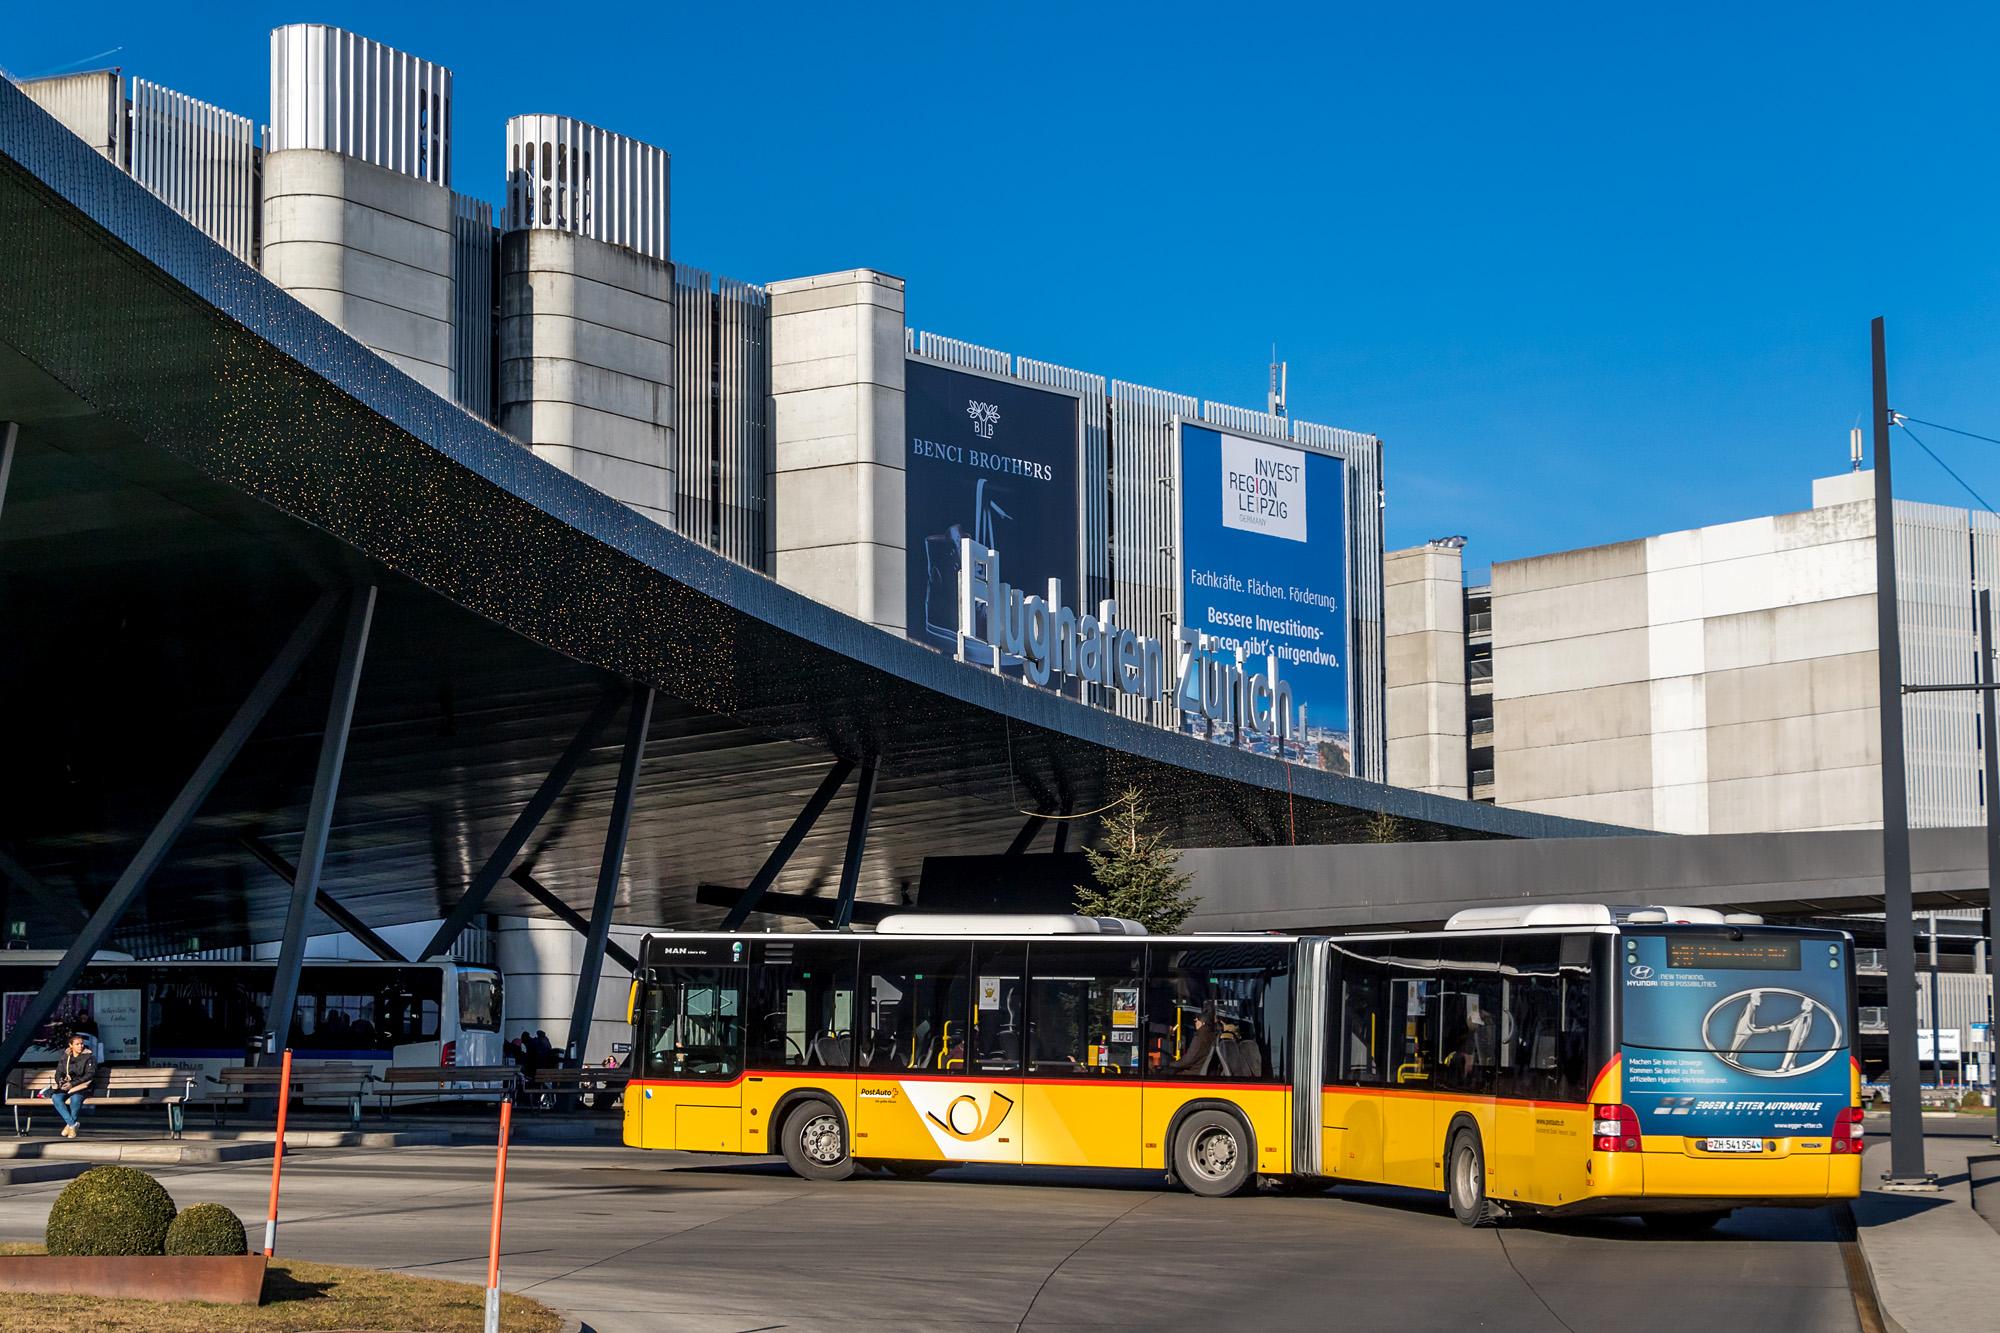 Auch zum Flughafen gelangt man per Postauto - der Zürcher Airport ist gar einer der grössten Bus-Knotenpunkte der Schweiz!